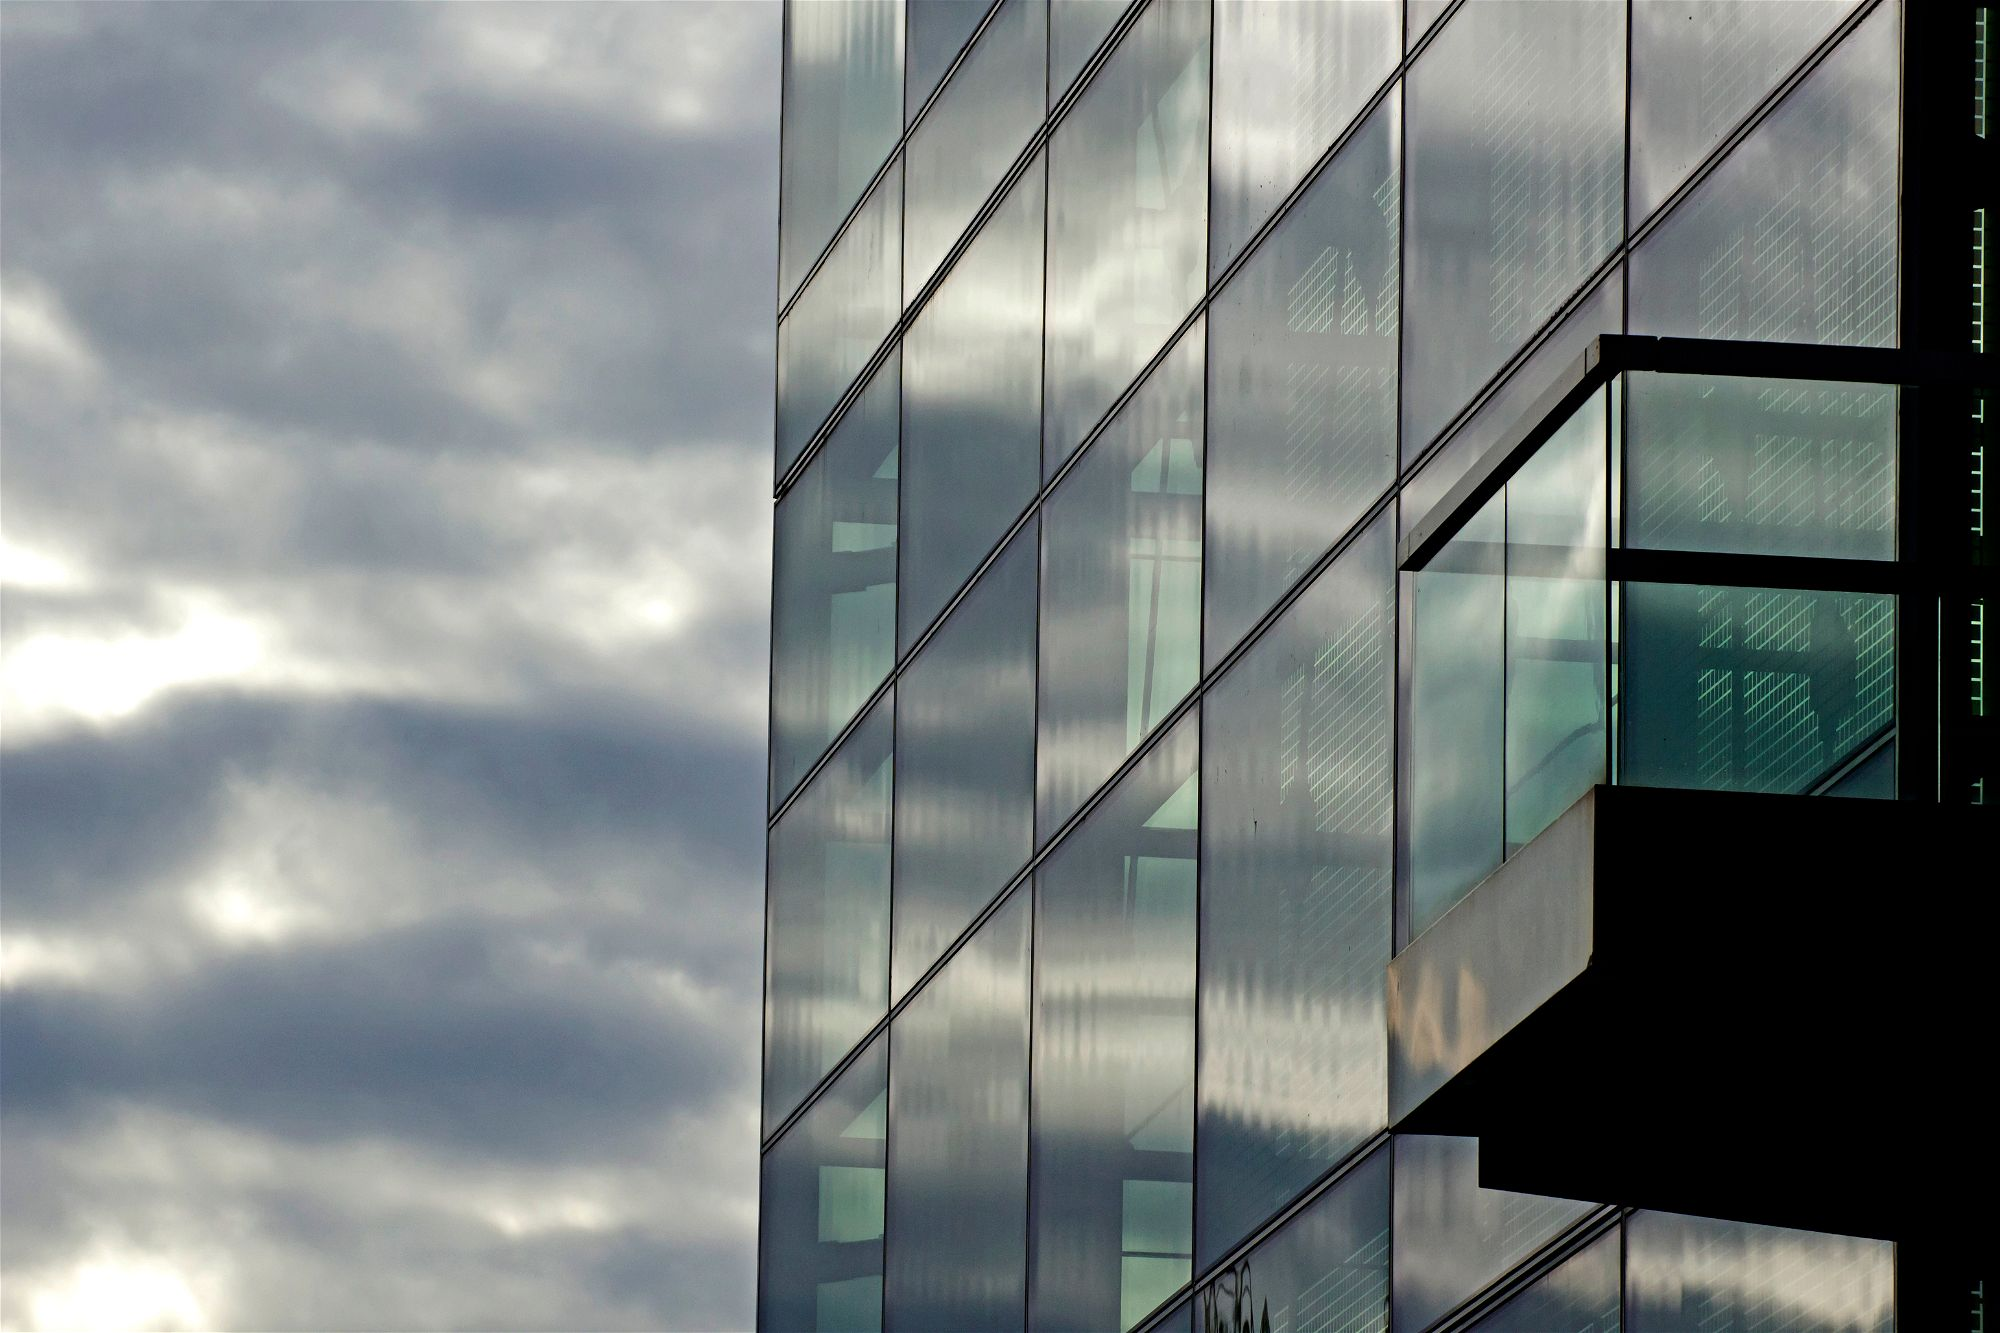 Mietvertrag Befristet Diese 5 Dinge Sollte Man Wissen Finanztrends